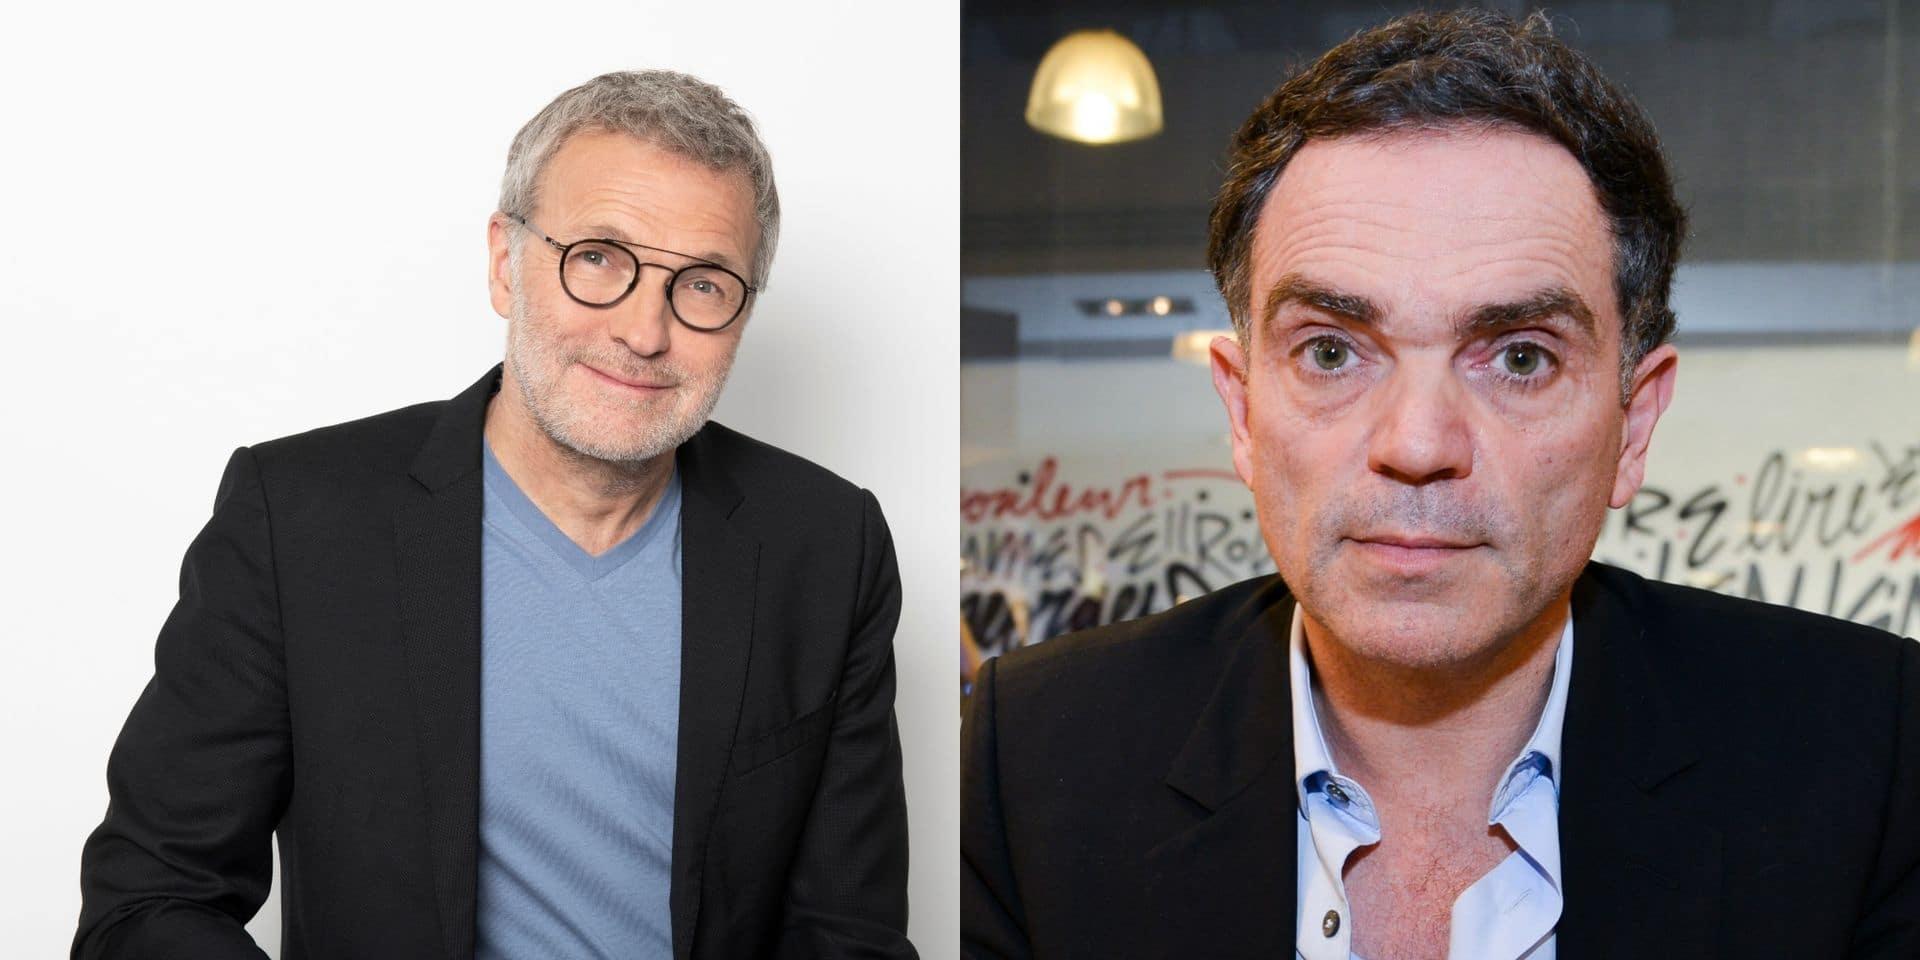 « Connivence », « consanguinité», « liens incestueux »: Rien ne va plus entre France Télévisions et Laurent Ruquier après l'interview de Yann Moix